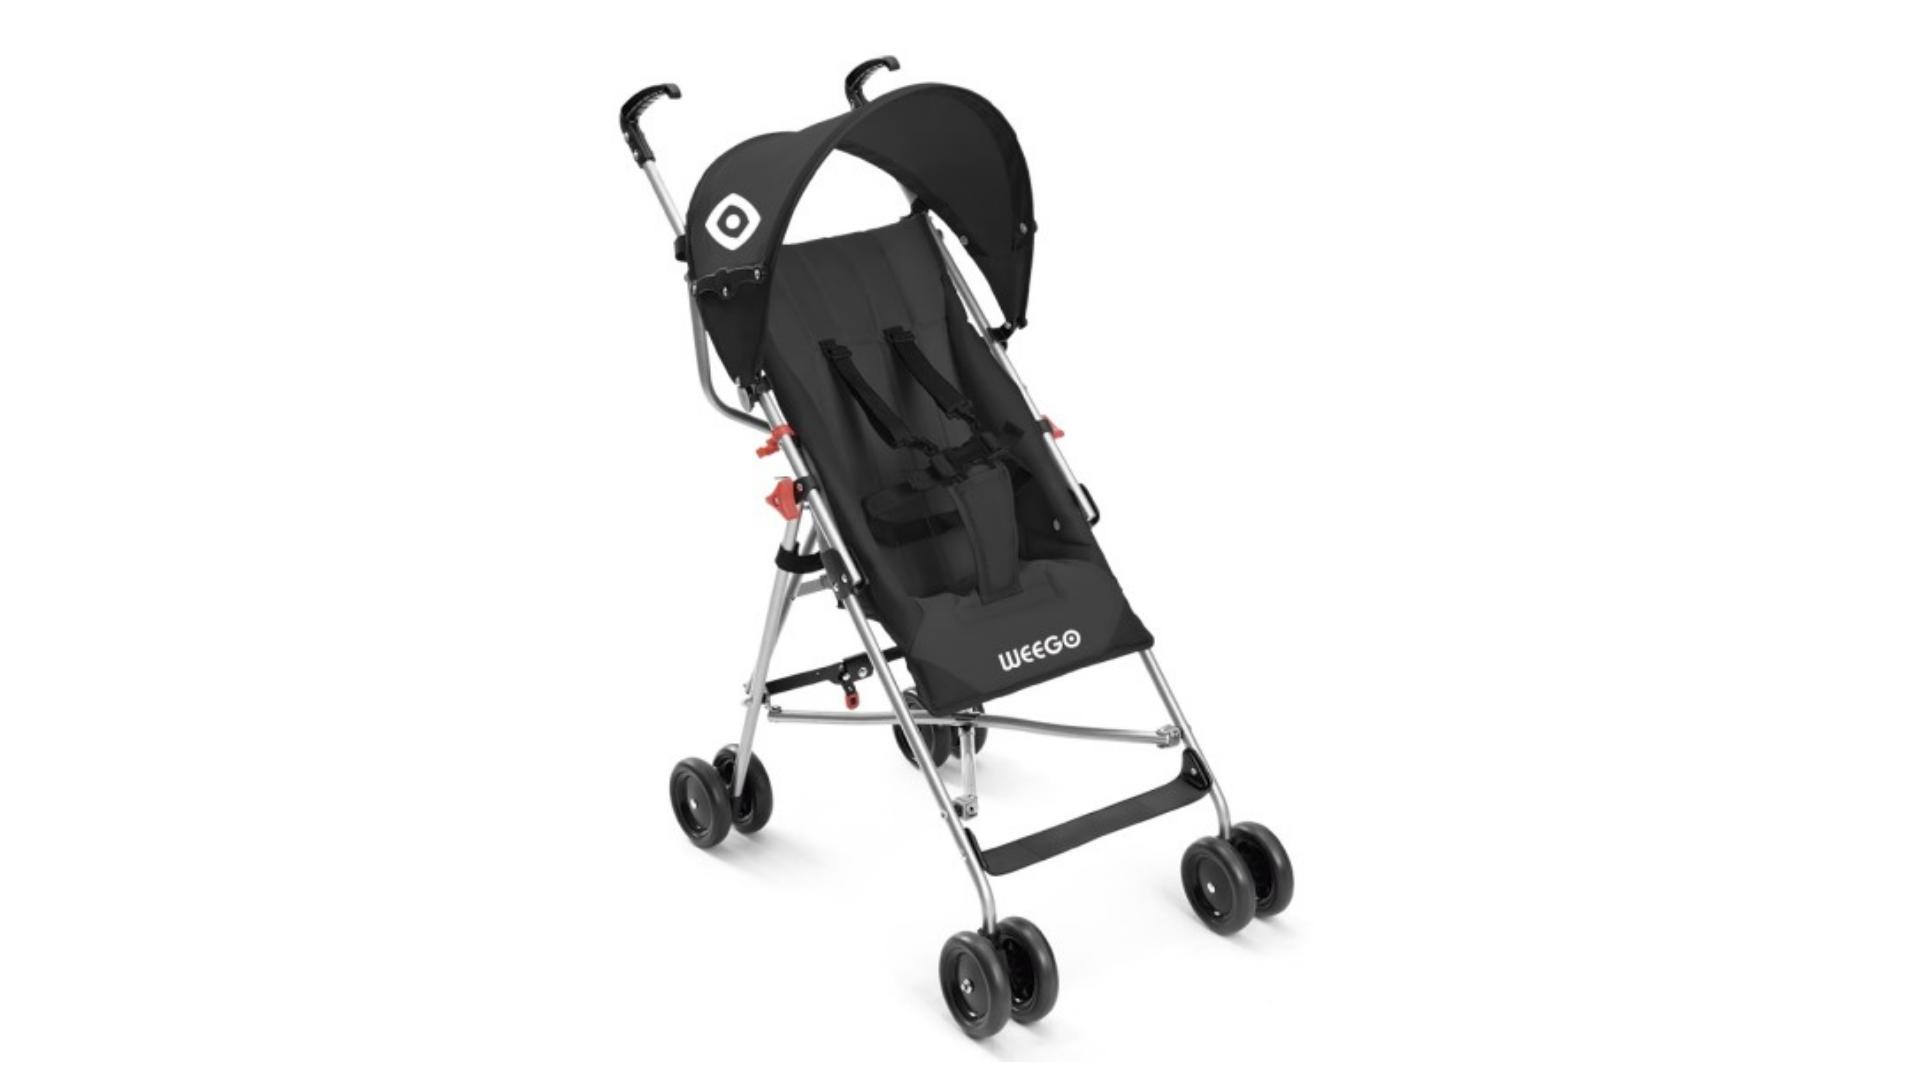 O carrinho de bebê para passeio é um dos mais leves do mercado (Imagem: Divulgação/Multikids)